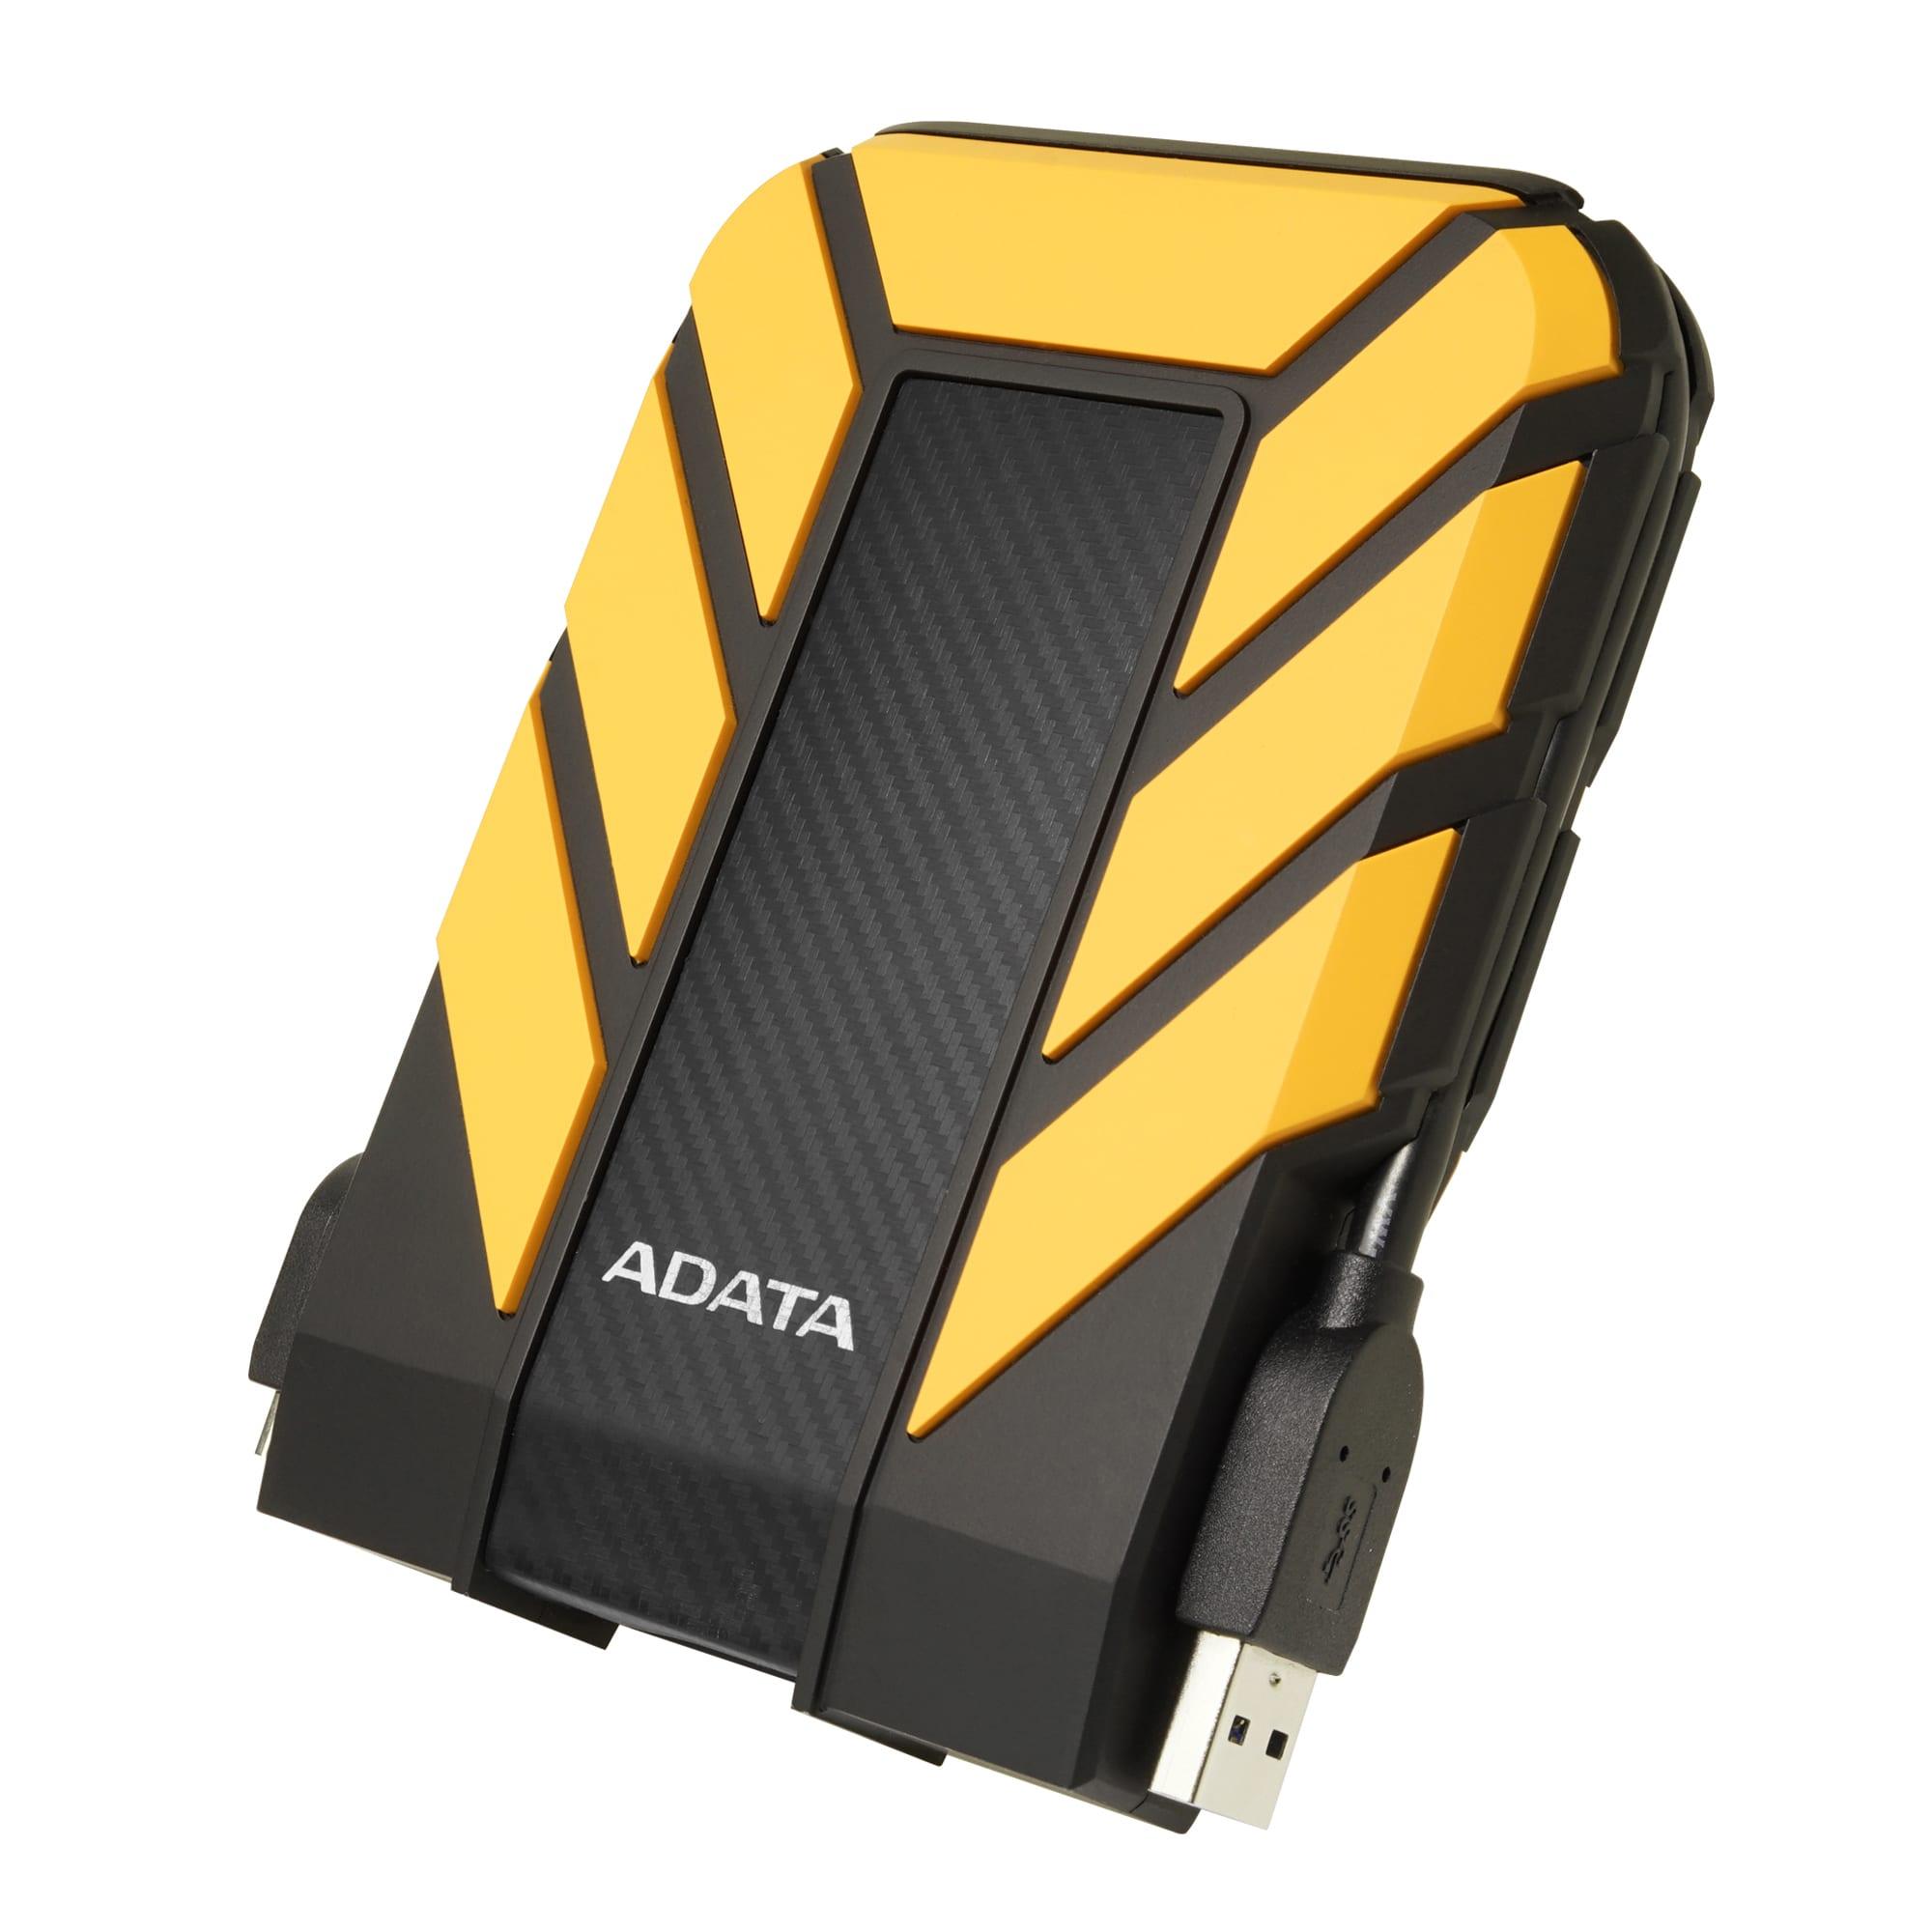 Adata-HD710-Pro